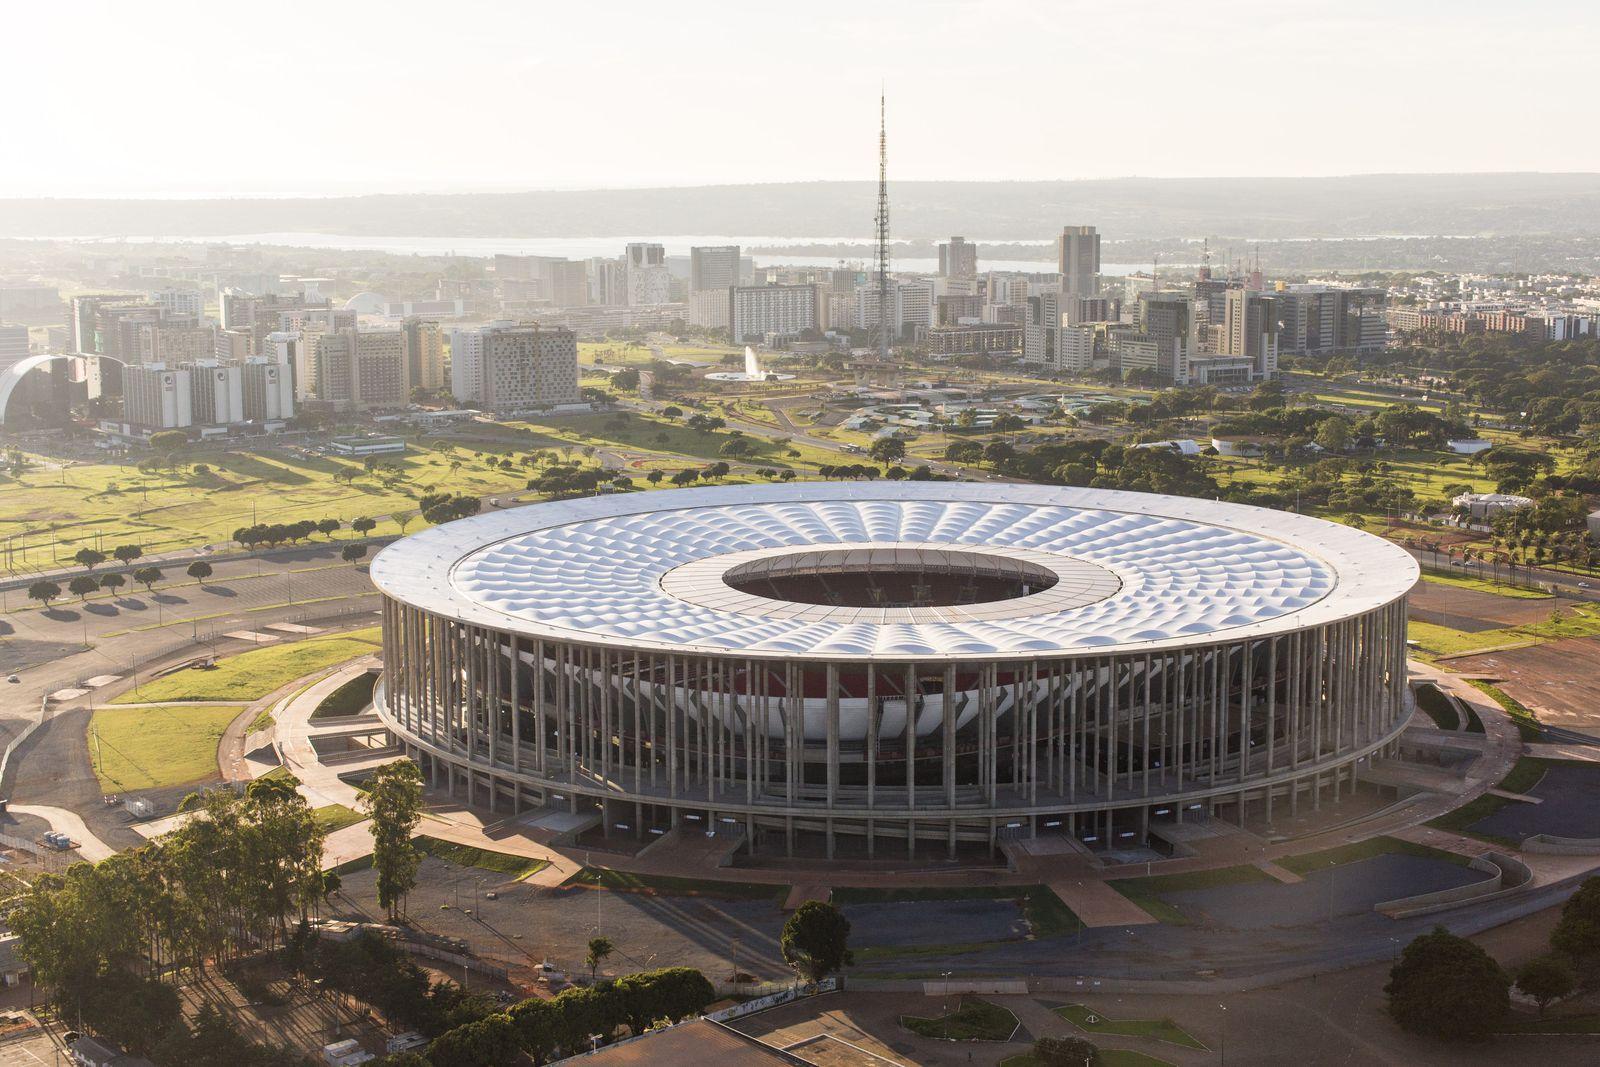 Nacional: Estádio Nacional De Brasília Mané Garrincha